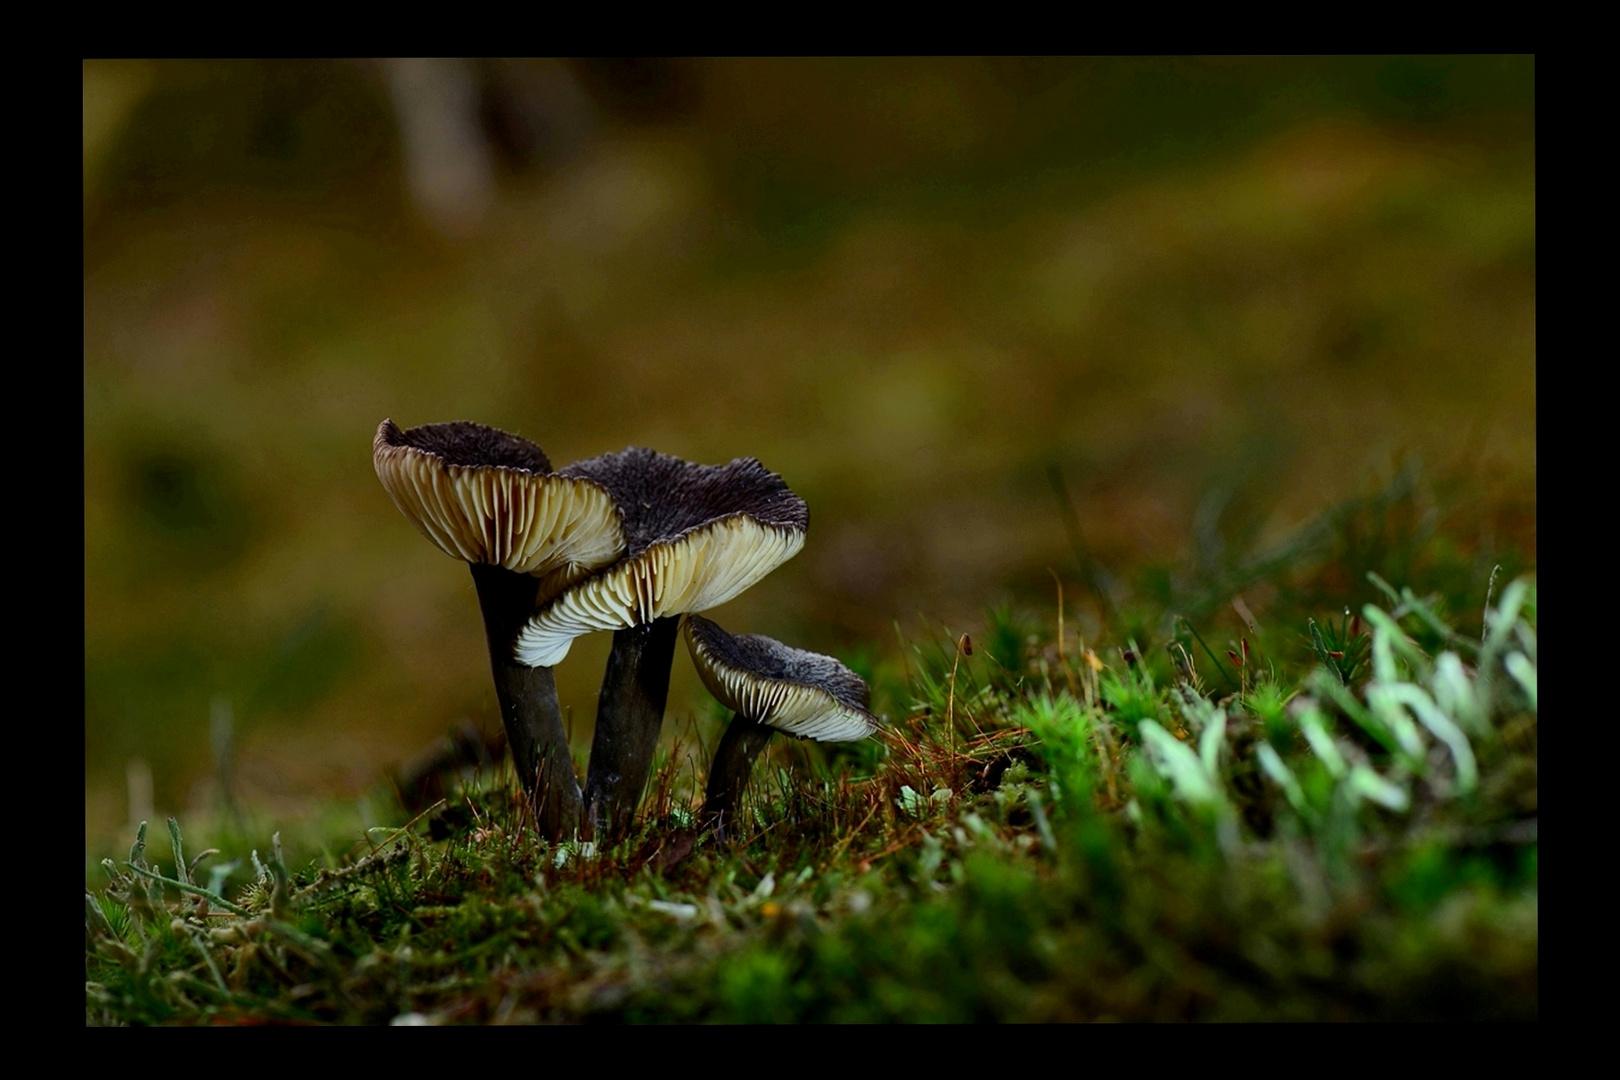 Black mushrooms